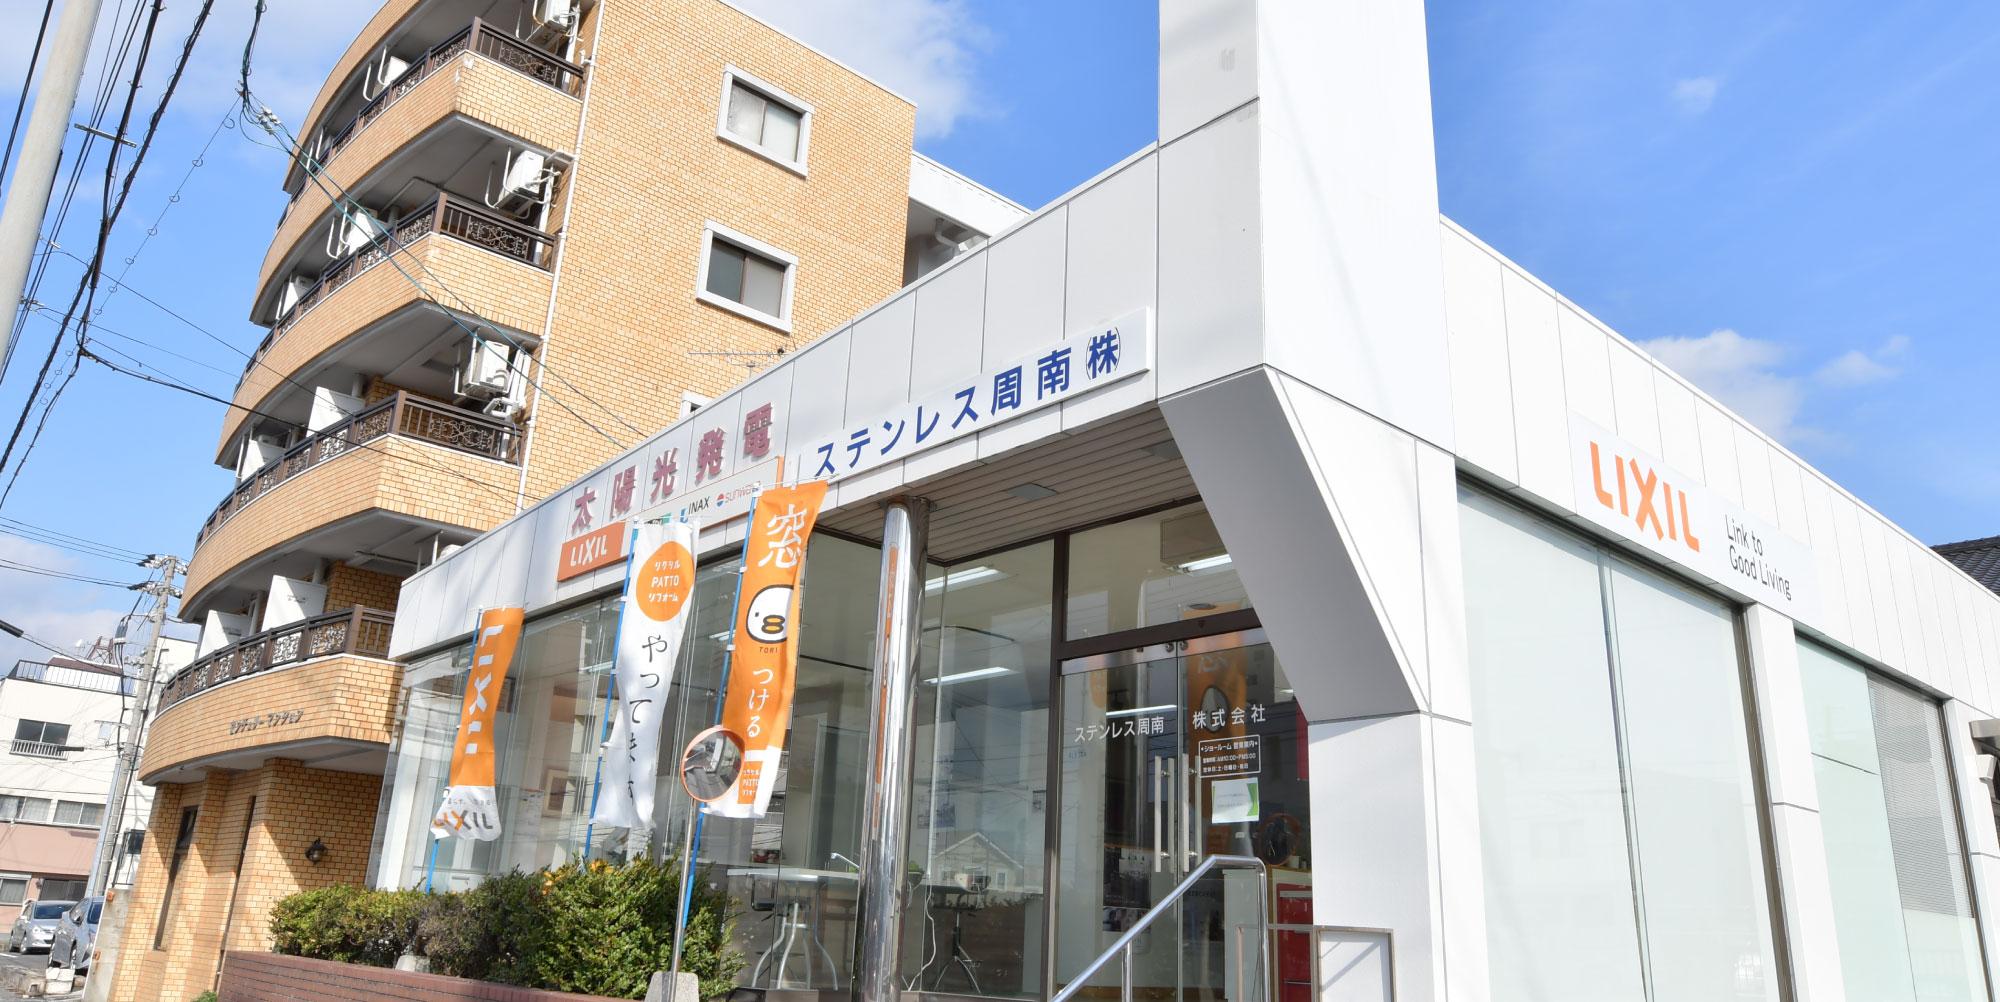 ステンレス周南株式会社(本社・営業部)